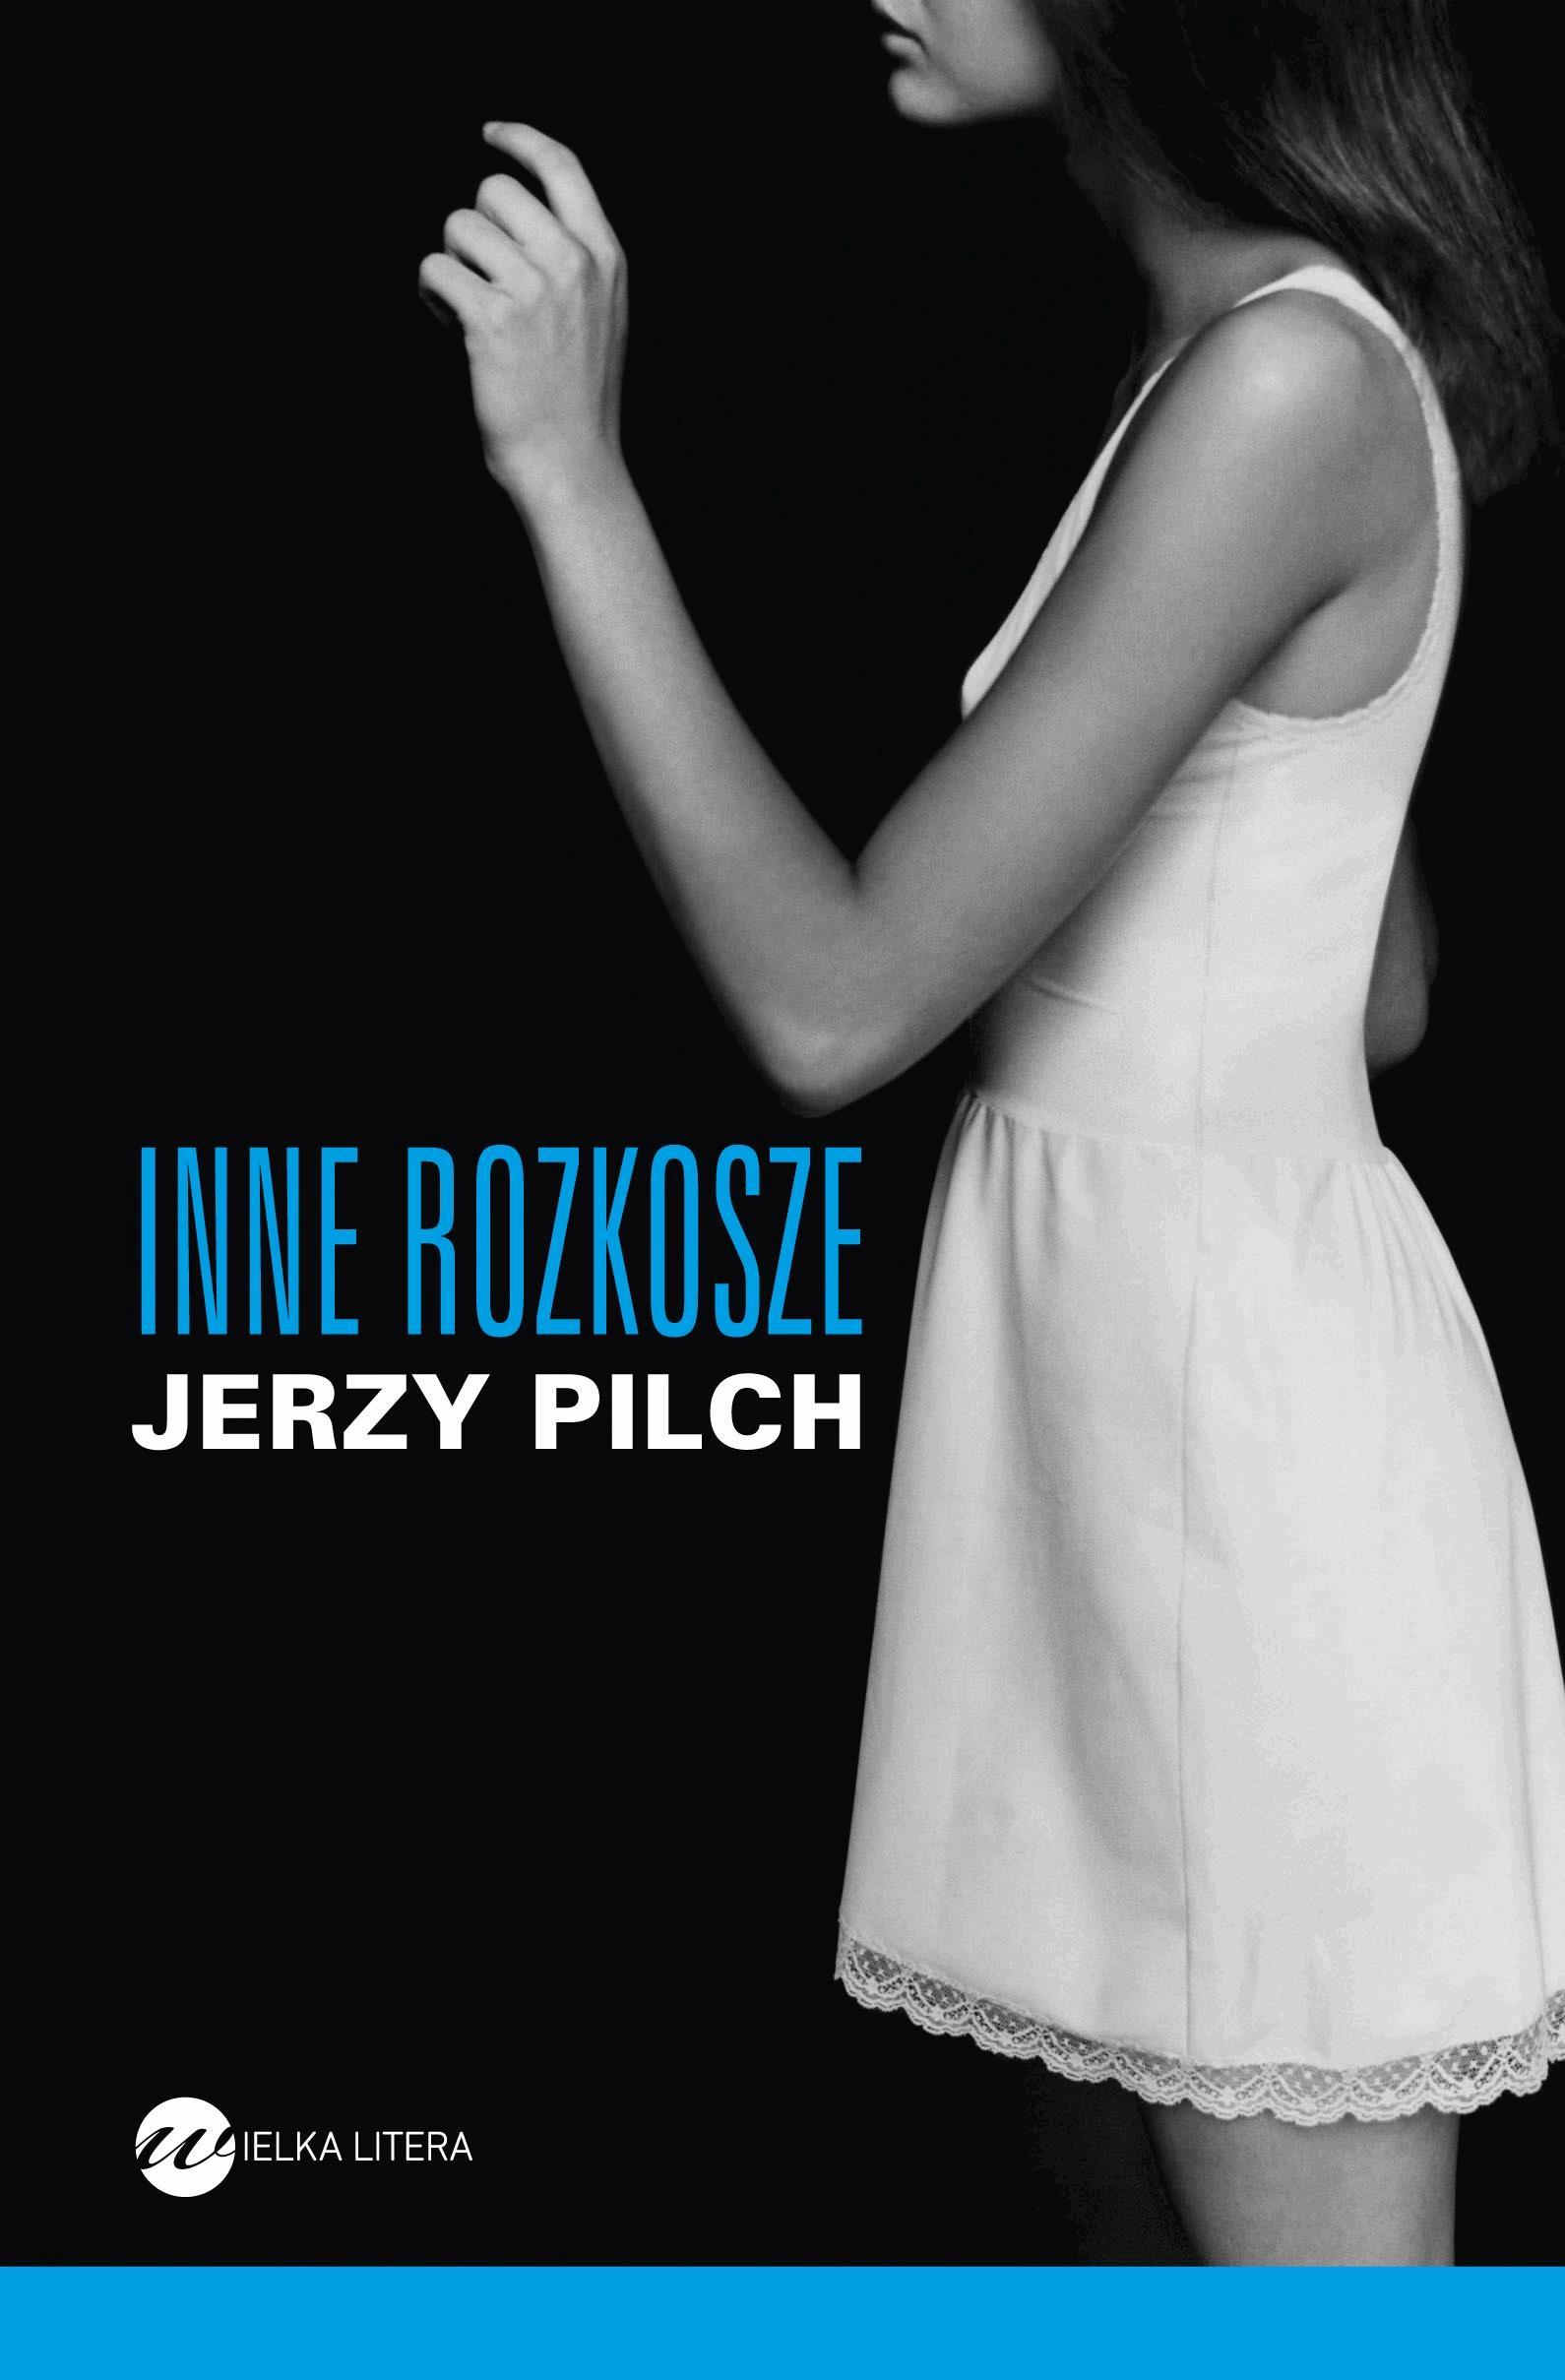 Inne rozkosze - Tylko w Legimi możesz przeczytać ten tytuł przez 7 dni za darmo. - Jerzy Pilch